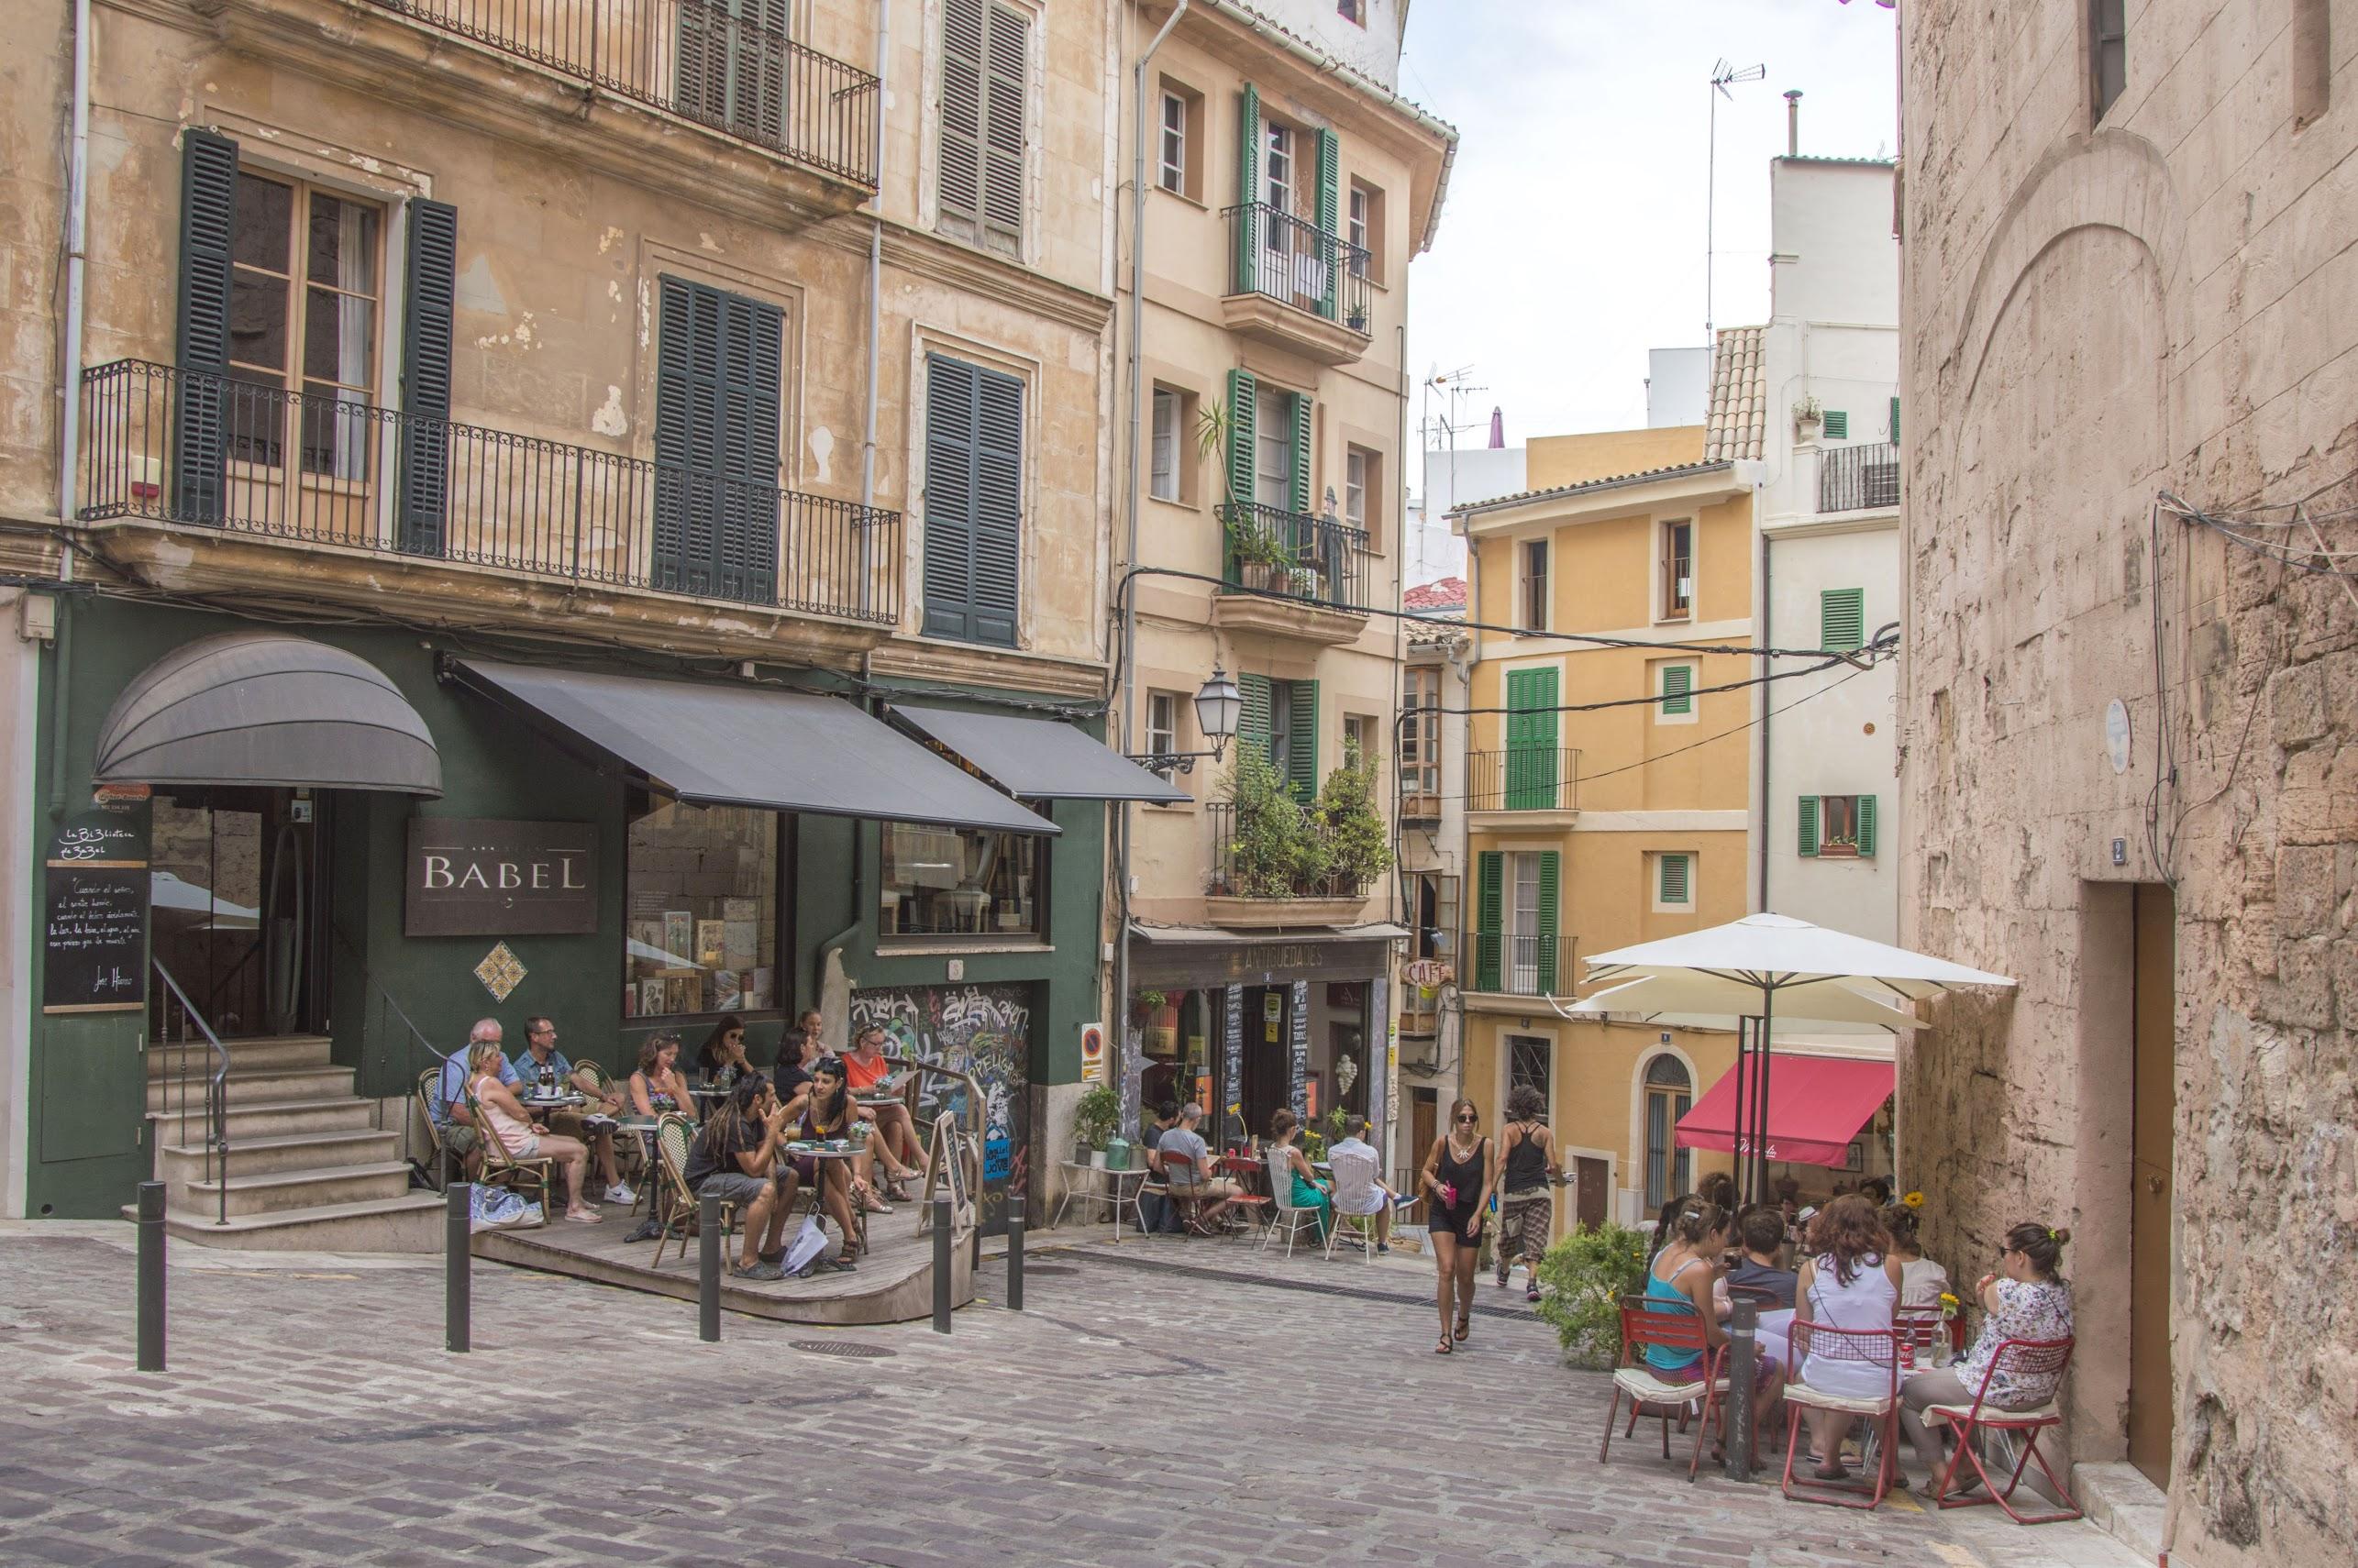 stedentrip-Zuid-Europa